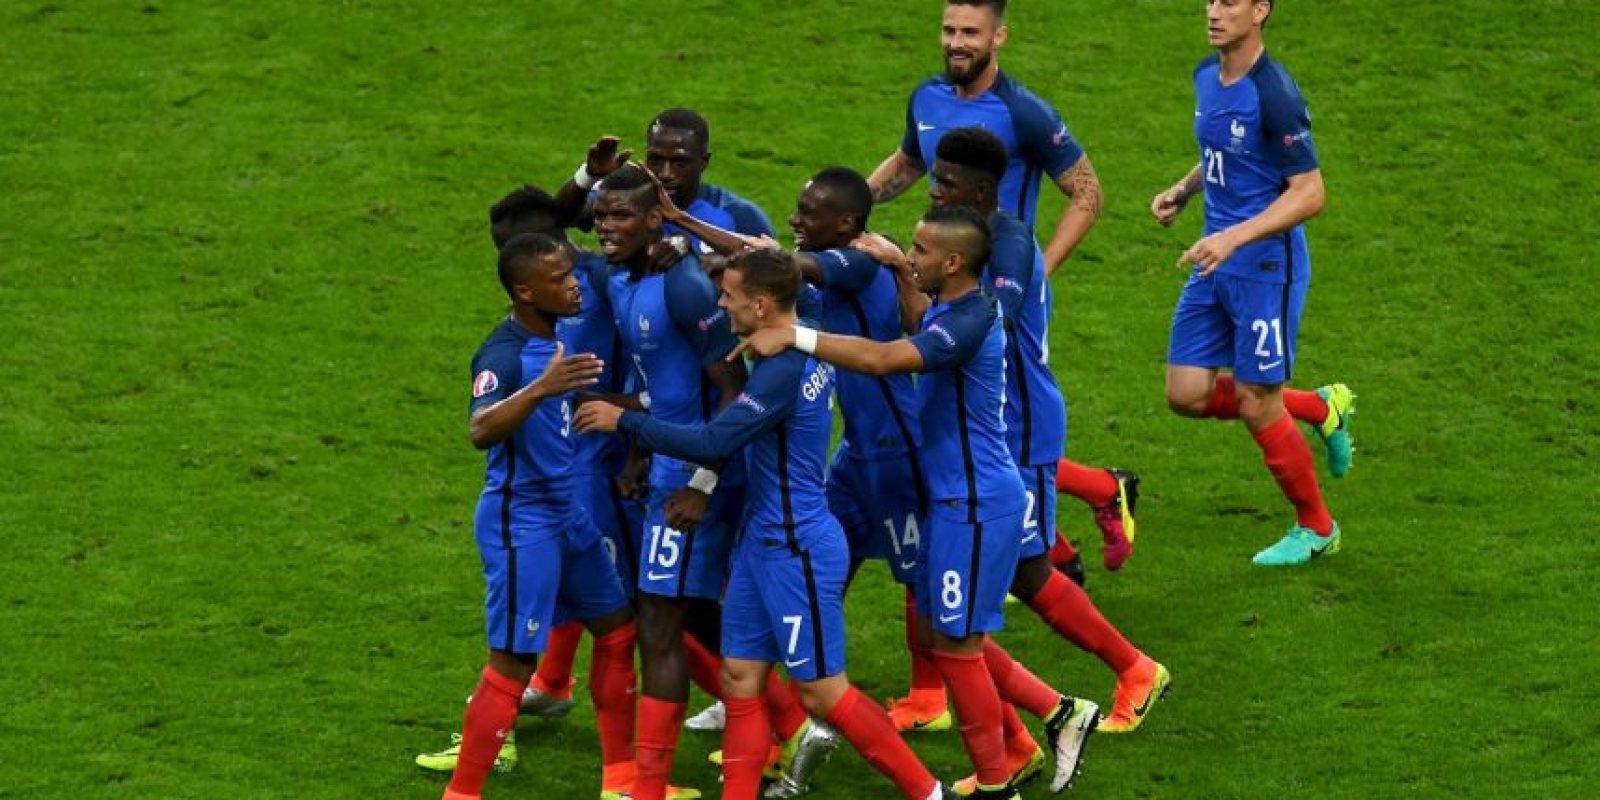 Francia intentará hacer valer su condición de local para ir nuevamente en busca del título y así celebrarlo con su gente Foto:Getty Images